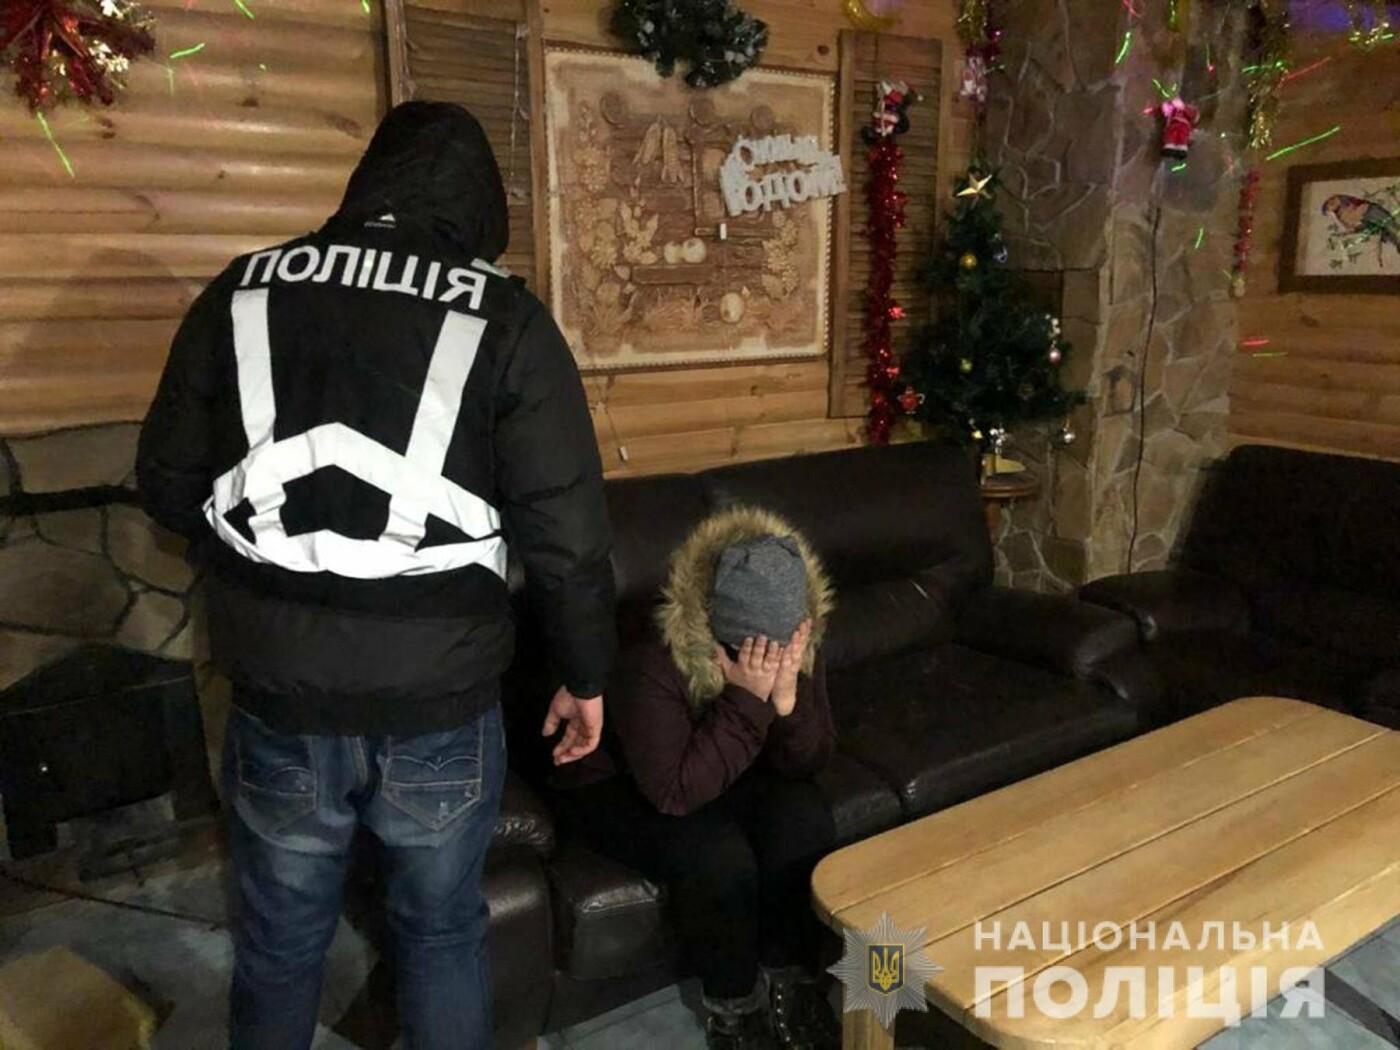 Полиция разоблачила сутенера, который за тысячу гривен доставил клиенту в сауну секс-работницу, фото-2